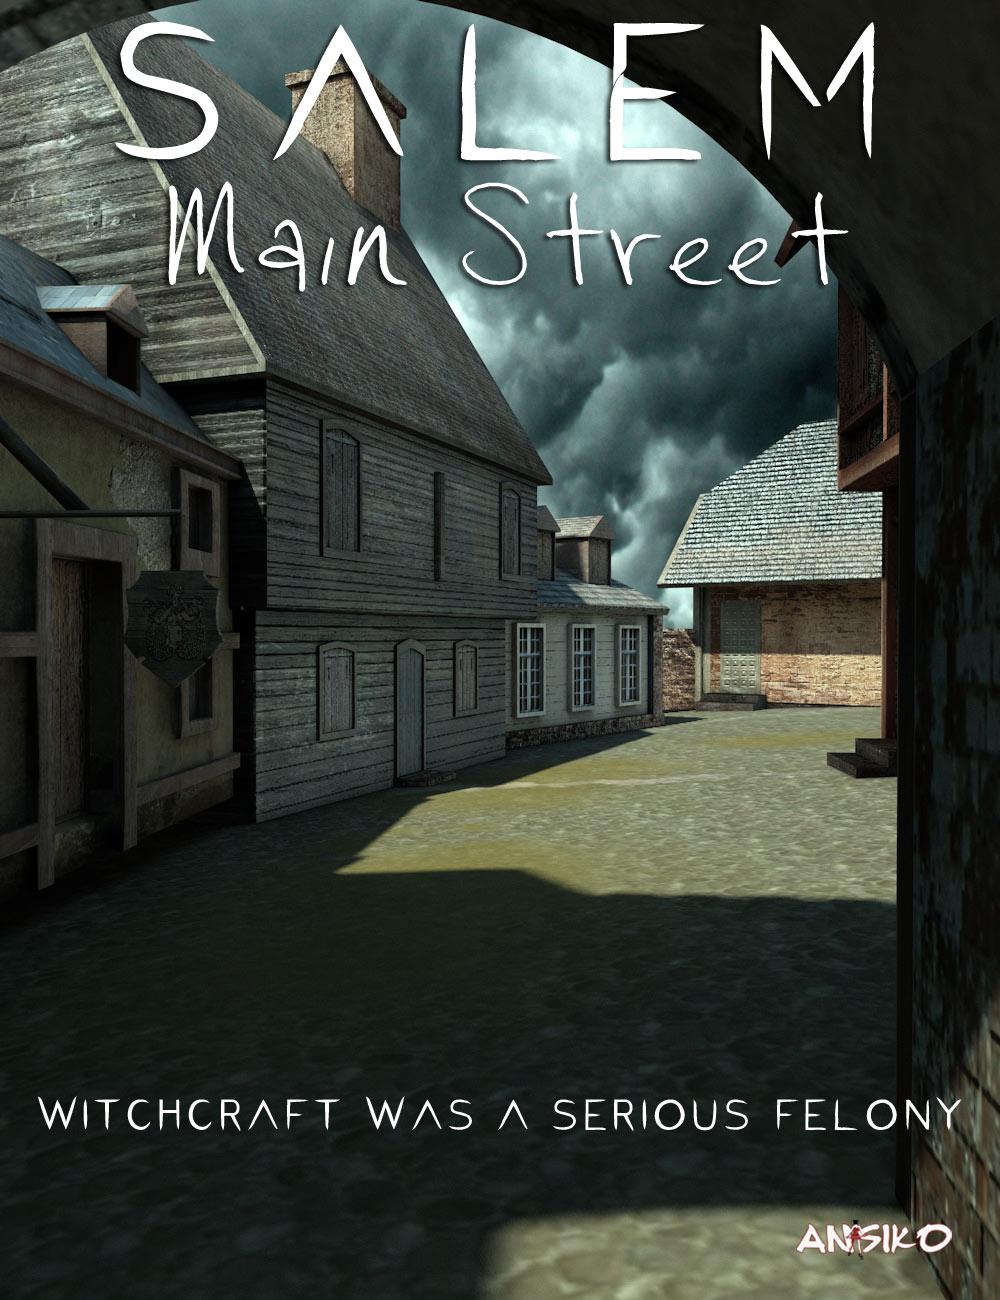 Salem Main Street by: Ansiko, 3D Models by Daz 3D